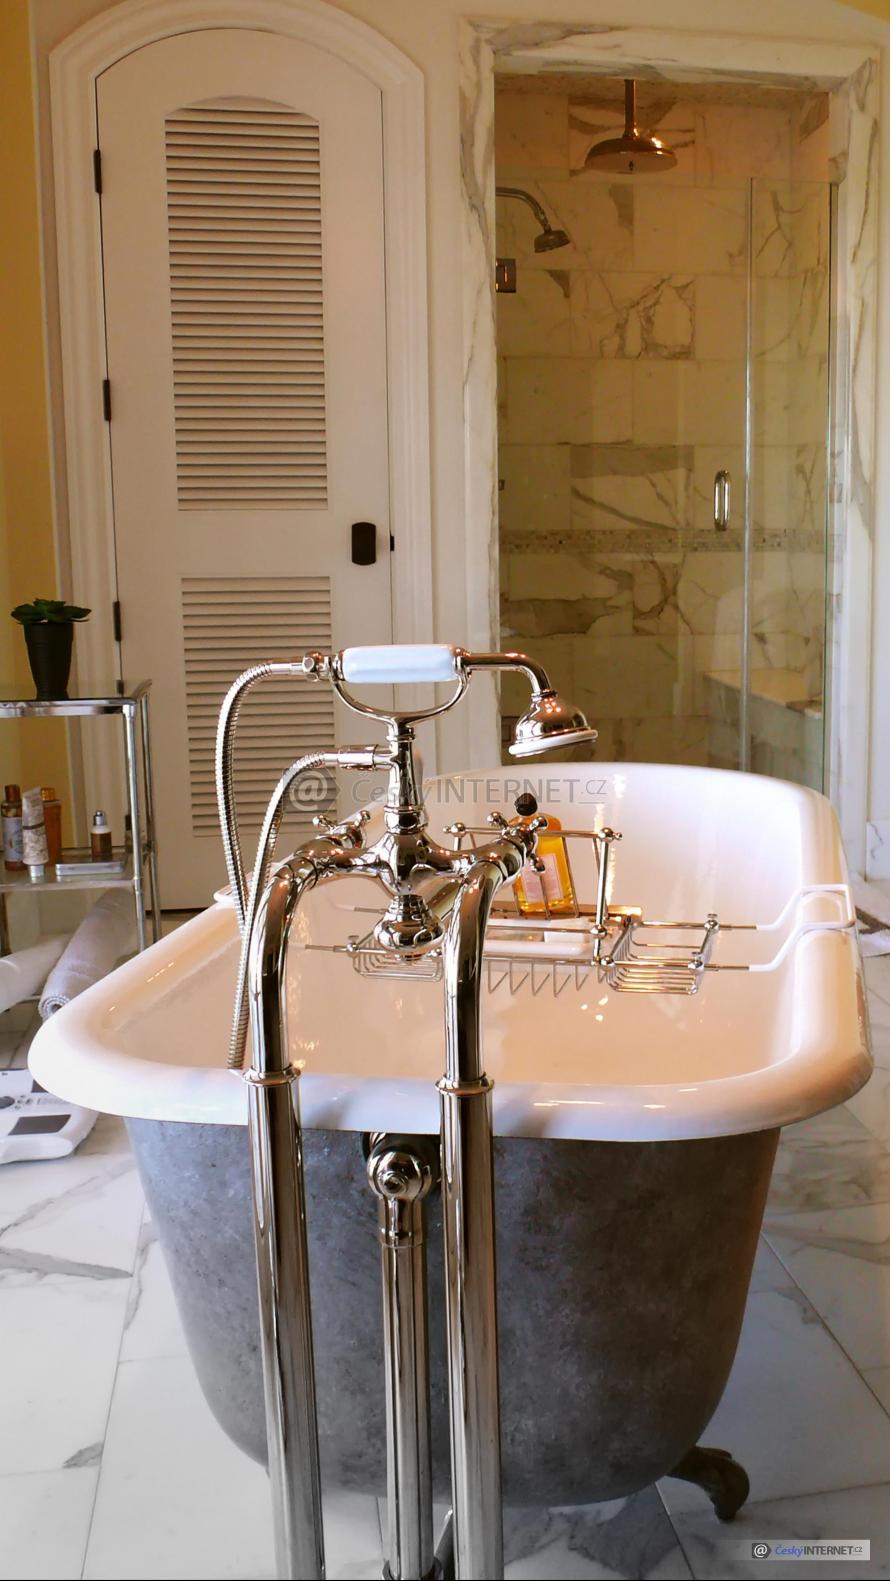 Moderní koupelna v retro stylu.